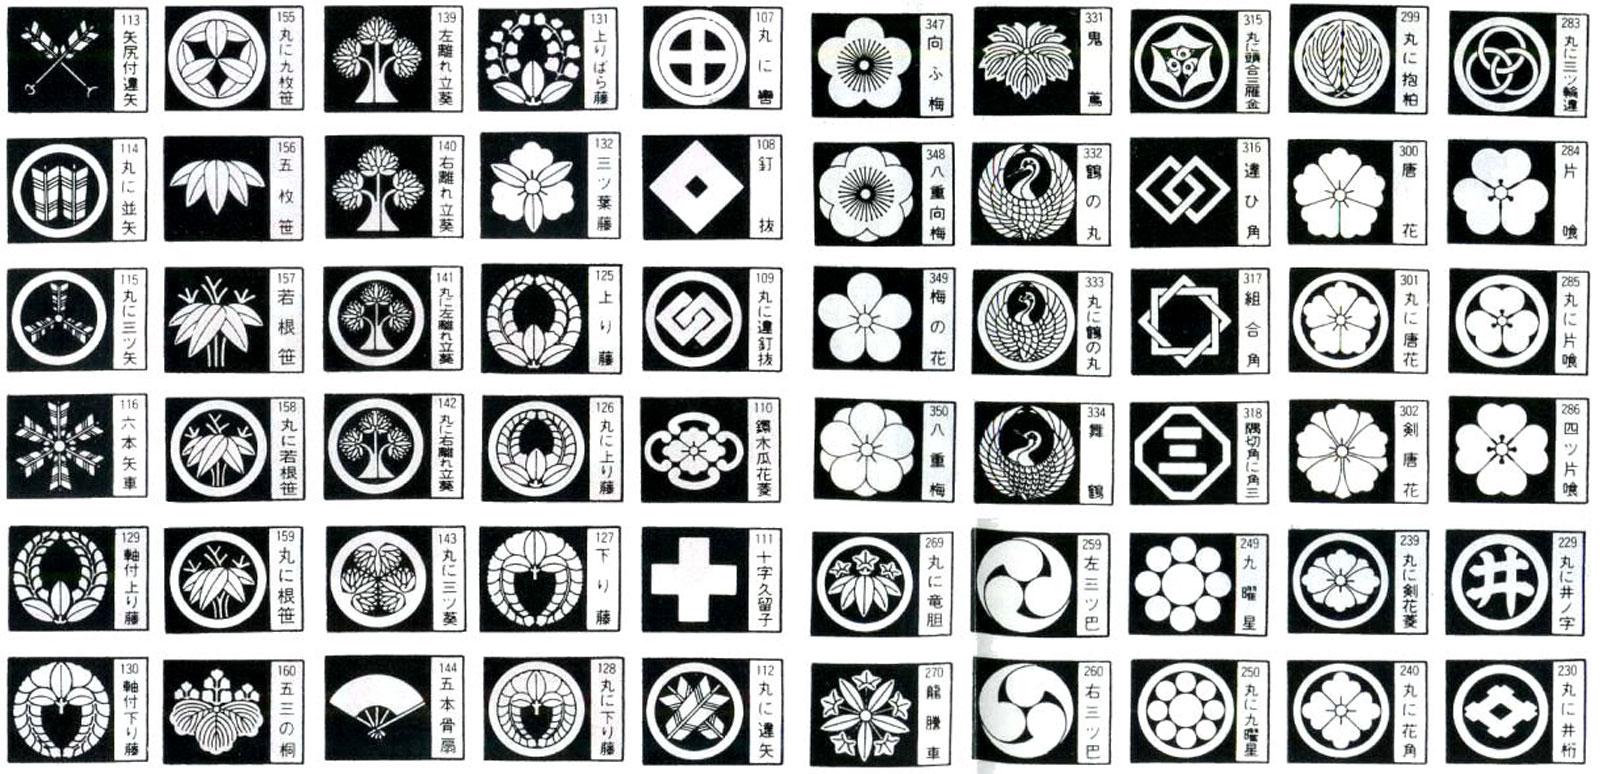 Extrêmement mon-japon-symbole-emblemes-famille-liste-03 – Index Grafik NF26